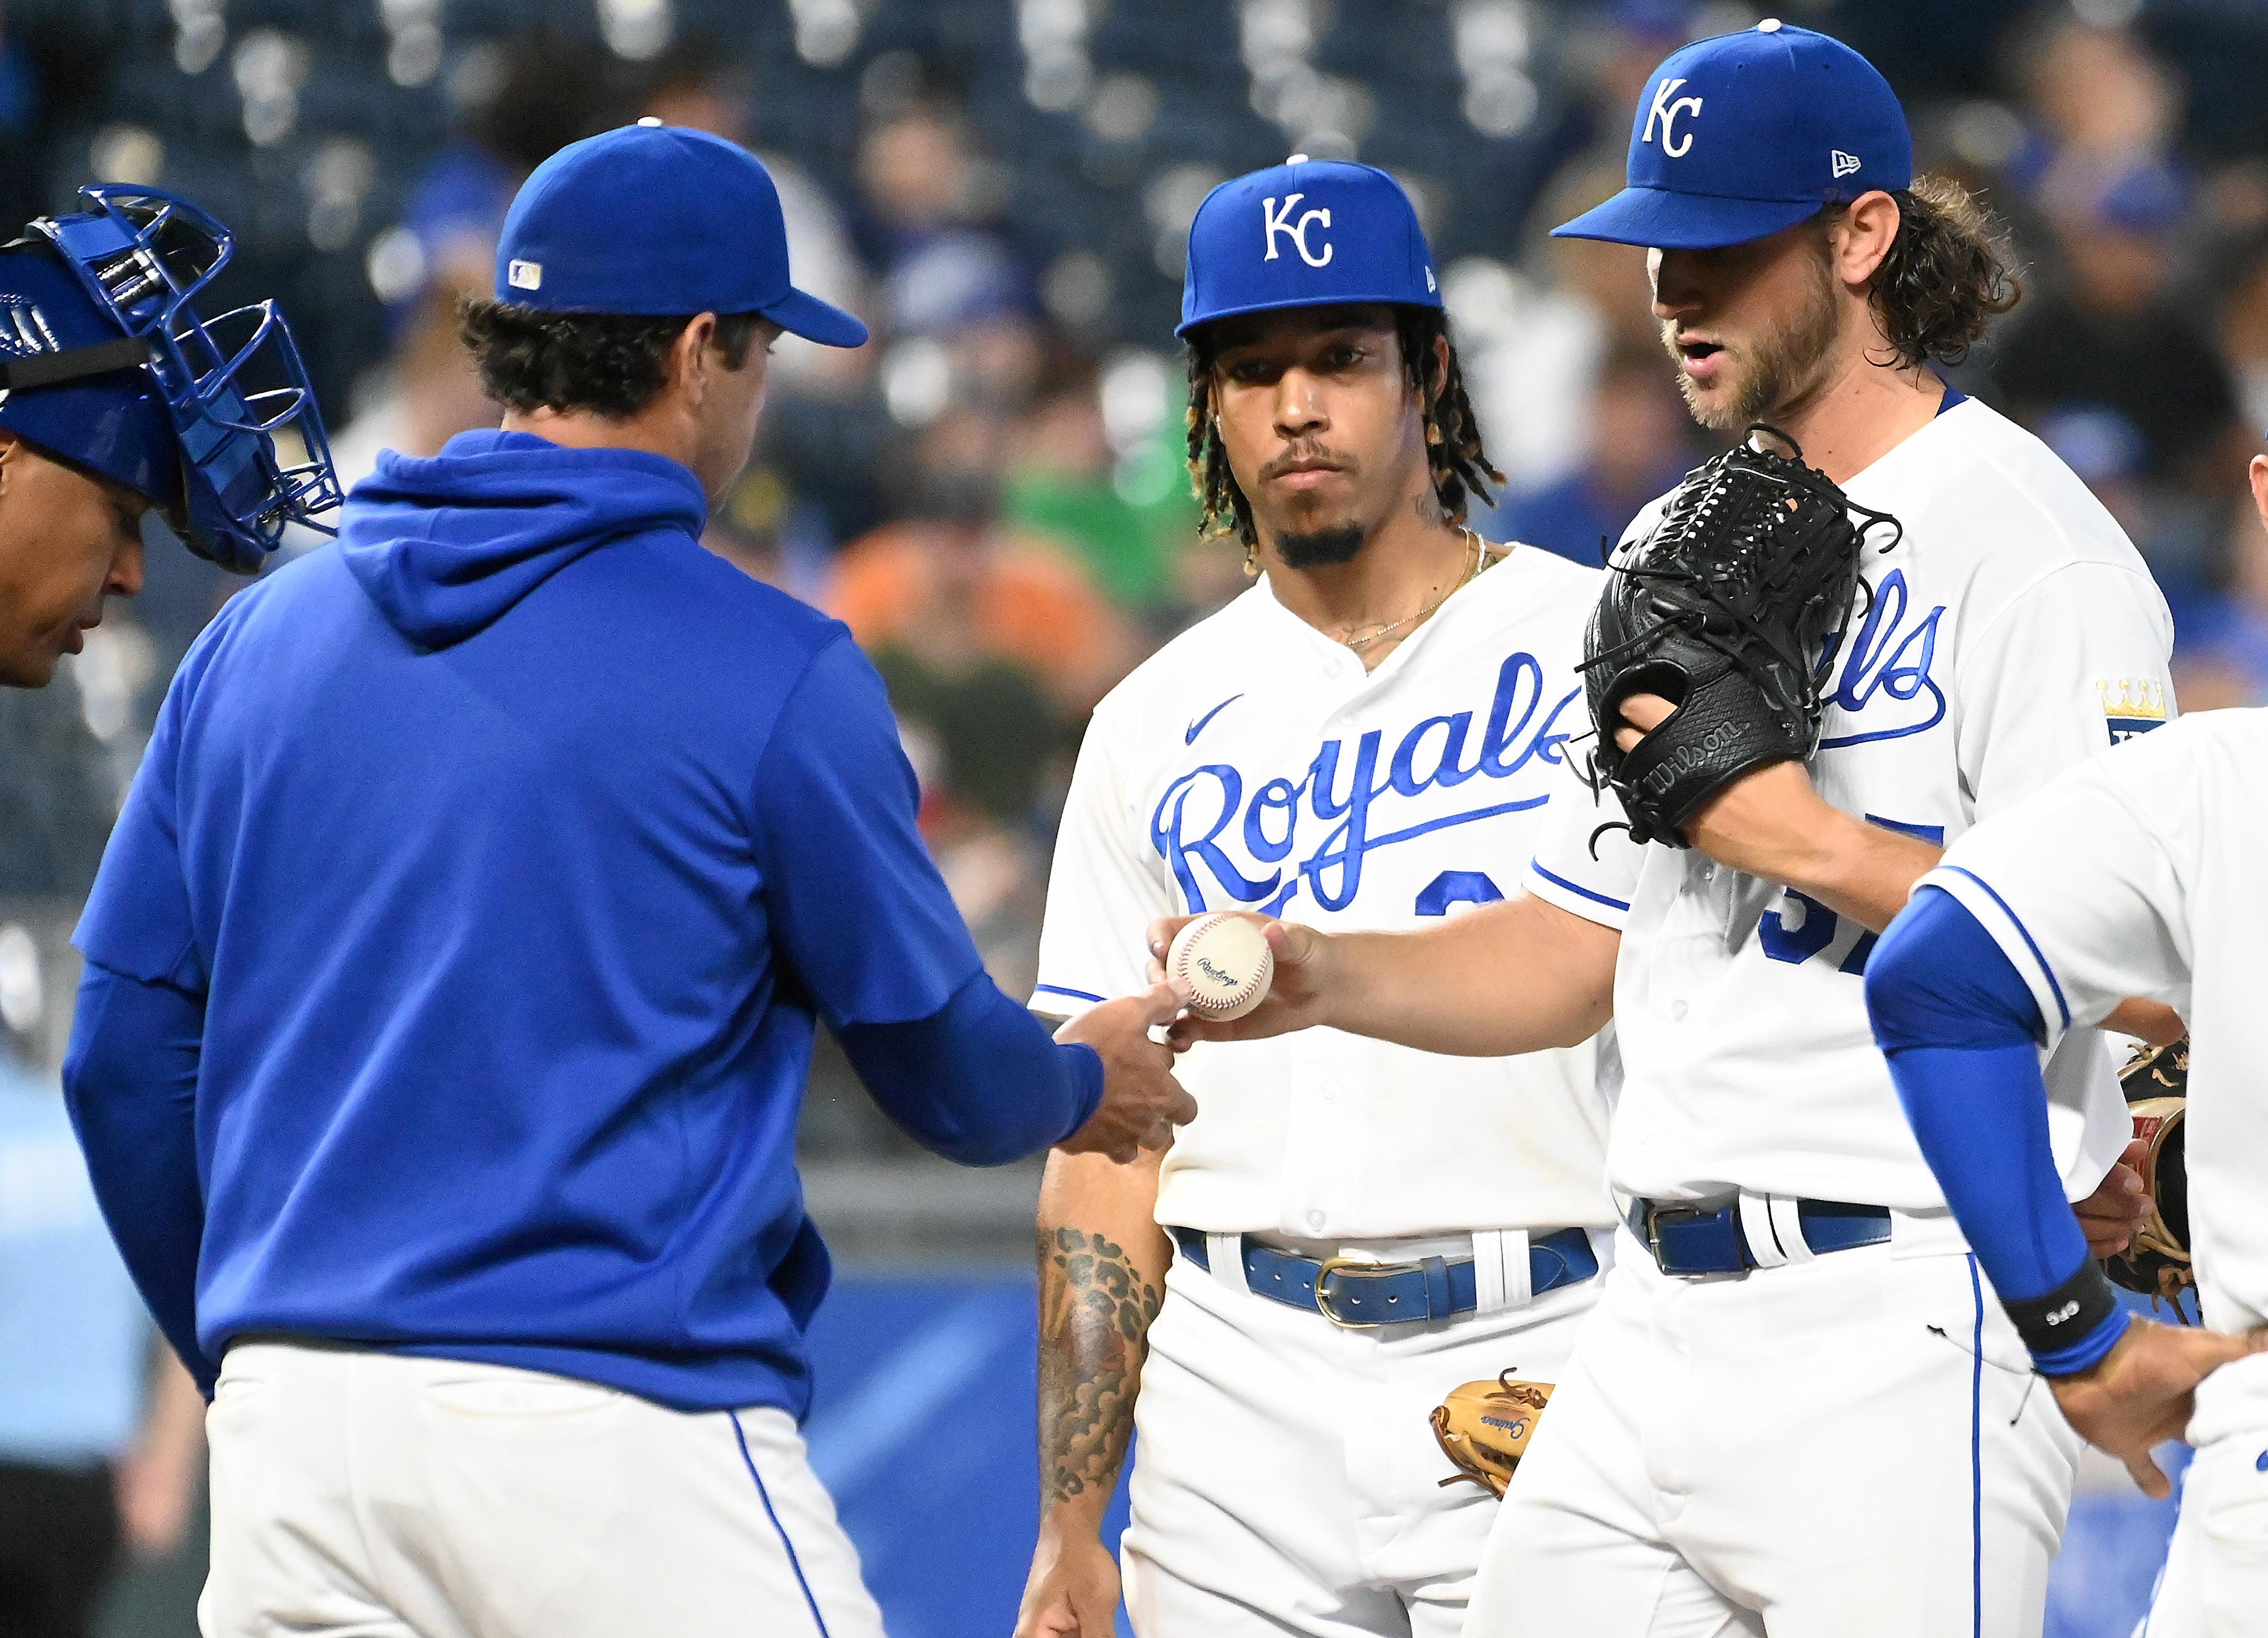 MLB: SEP 14 Athletics at Royals